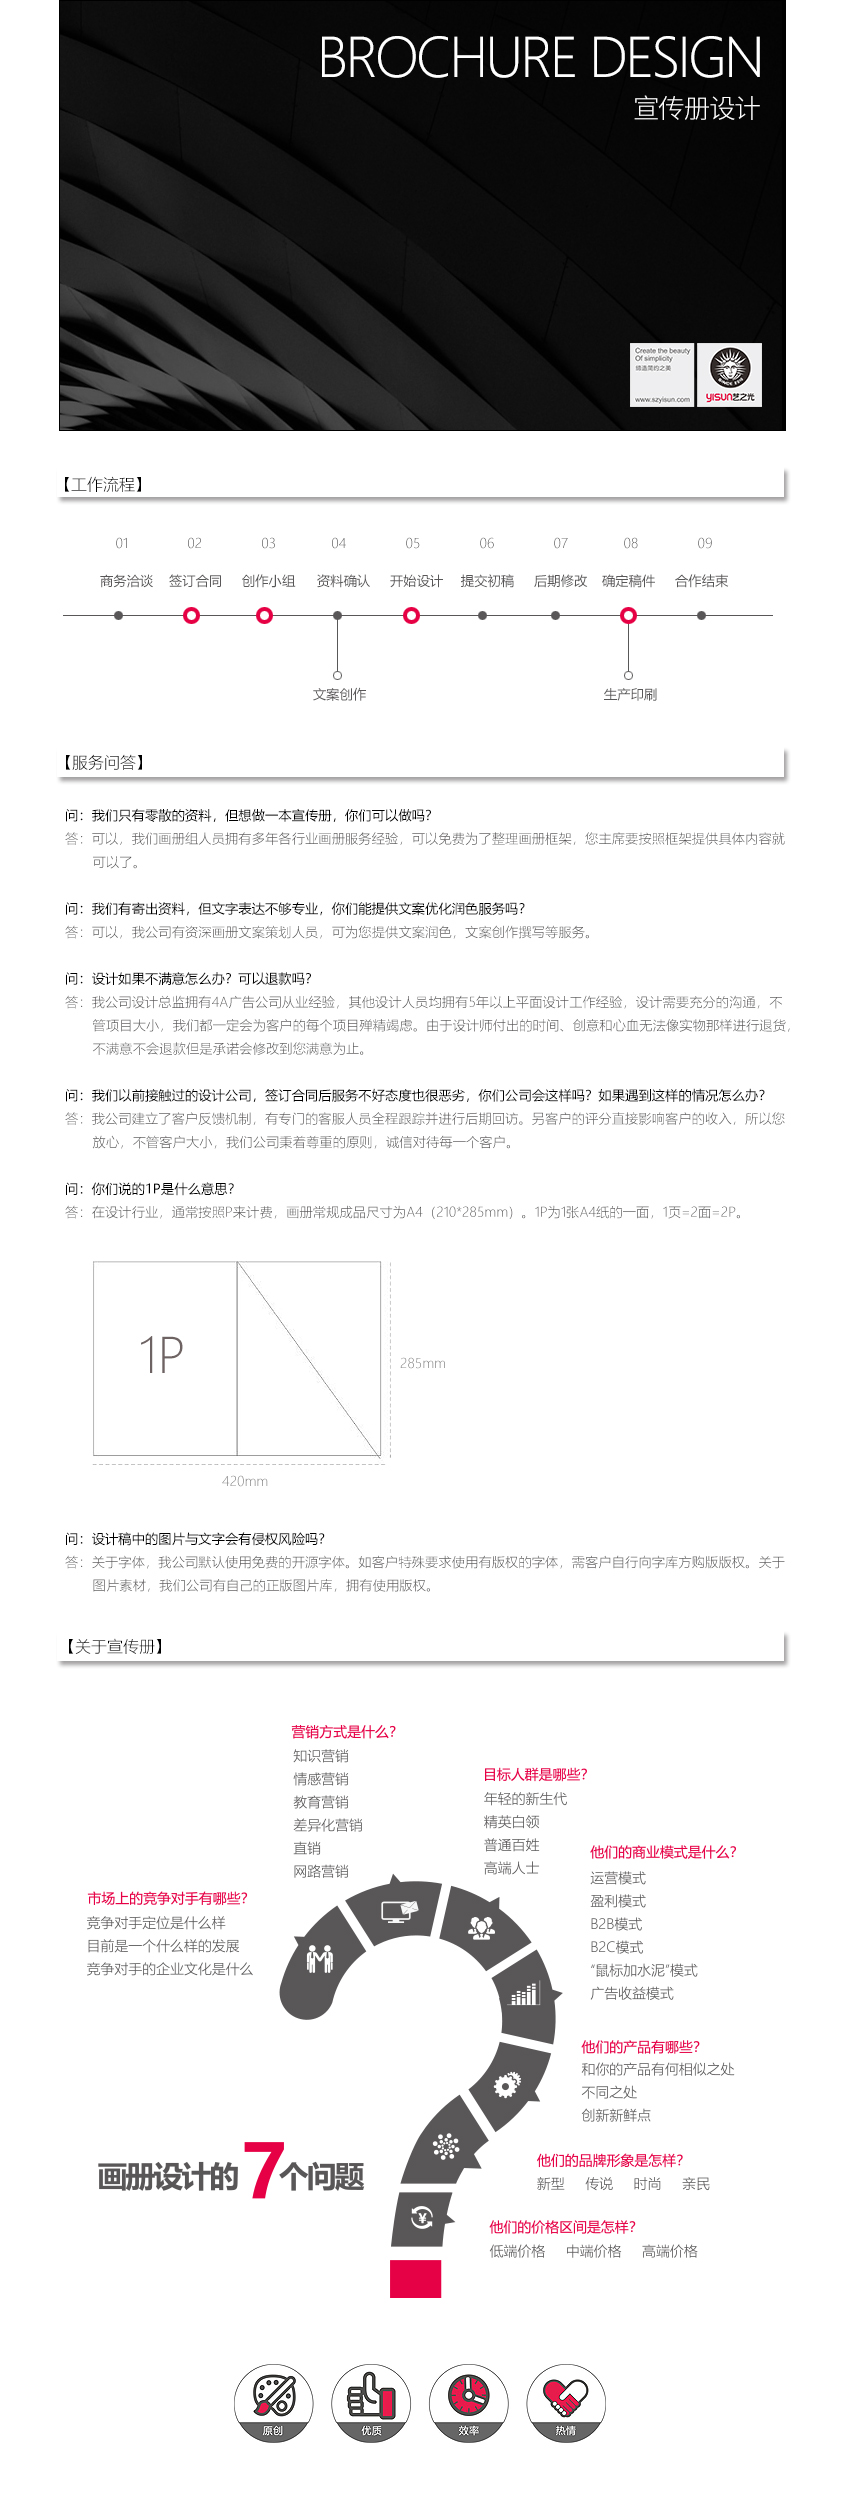 網站頁面畫冊設計詳情頁.jpg